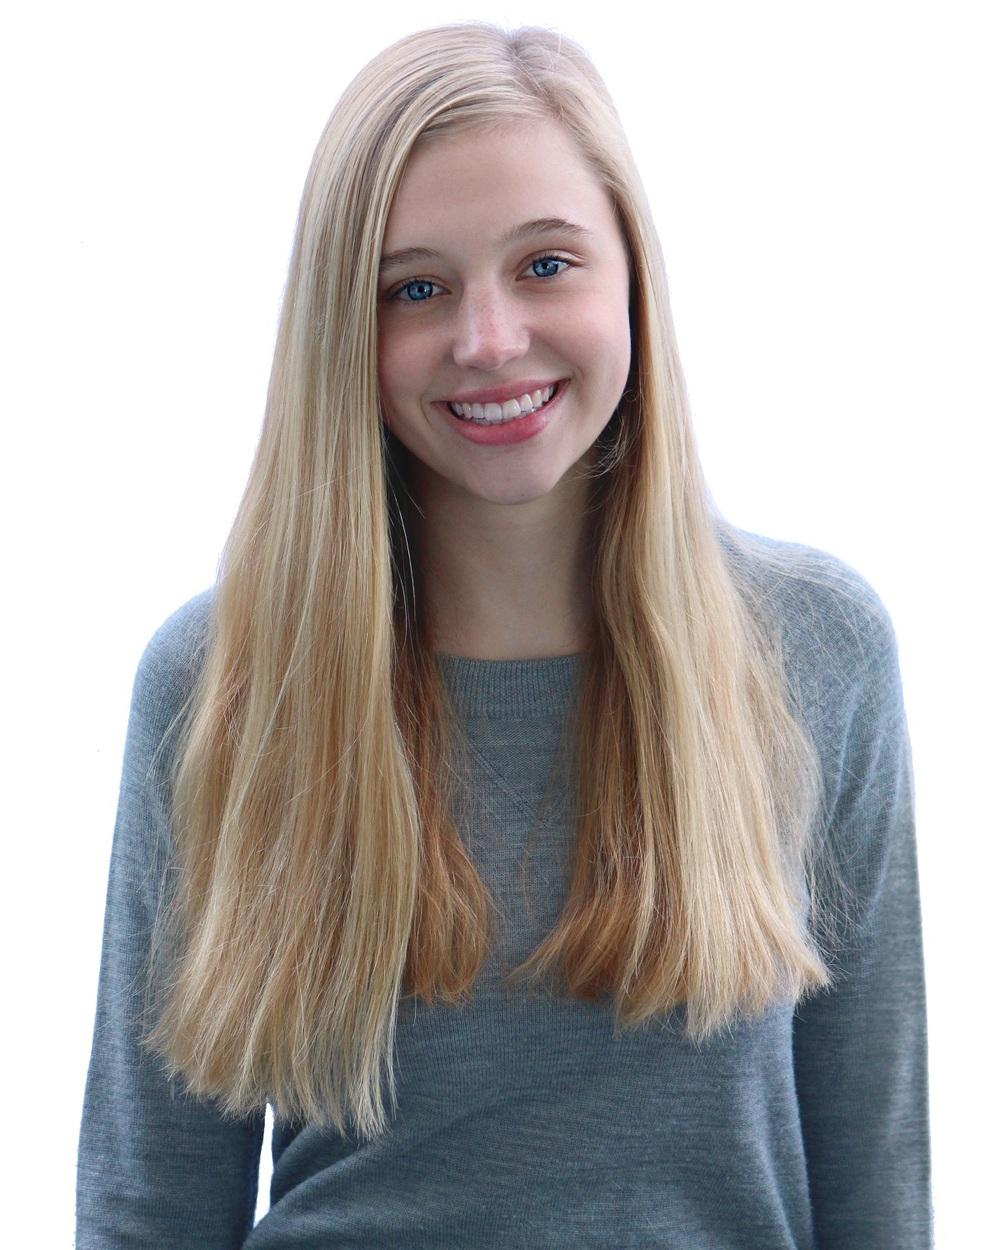 Jessica Flaum by Breanna Baker 2 web.jpg